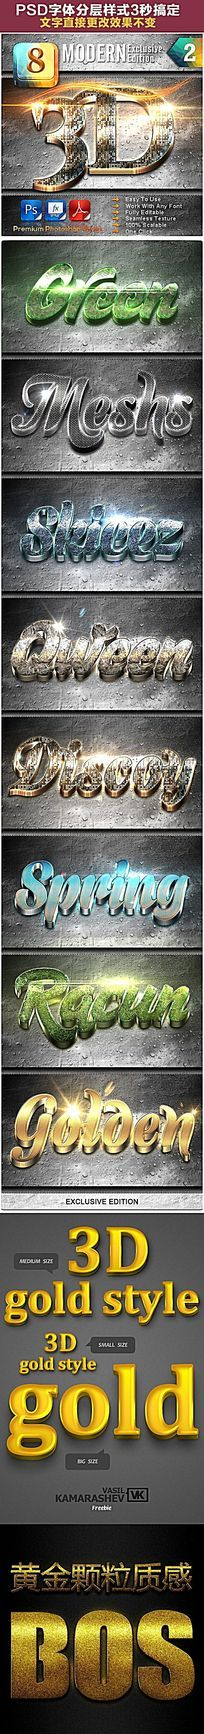 炫彩立体3D金属字体样式